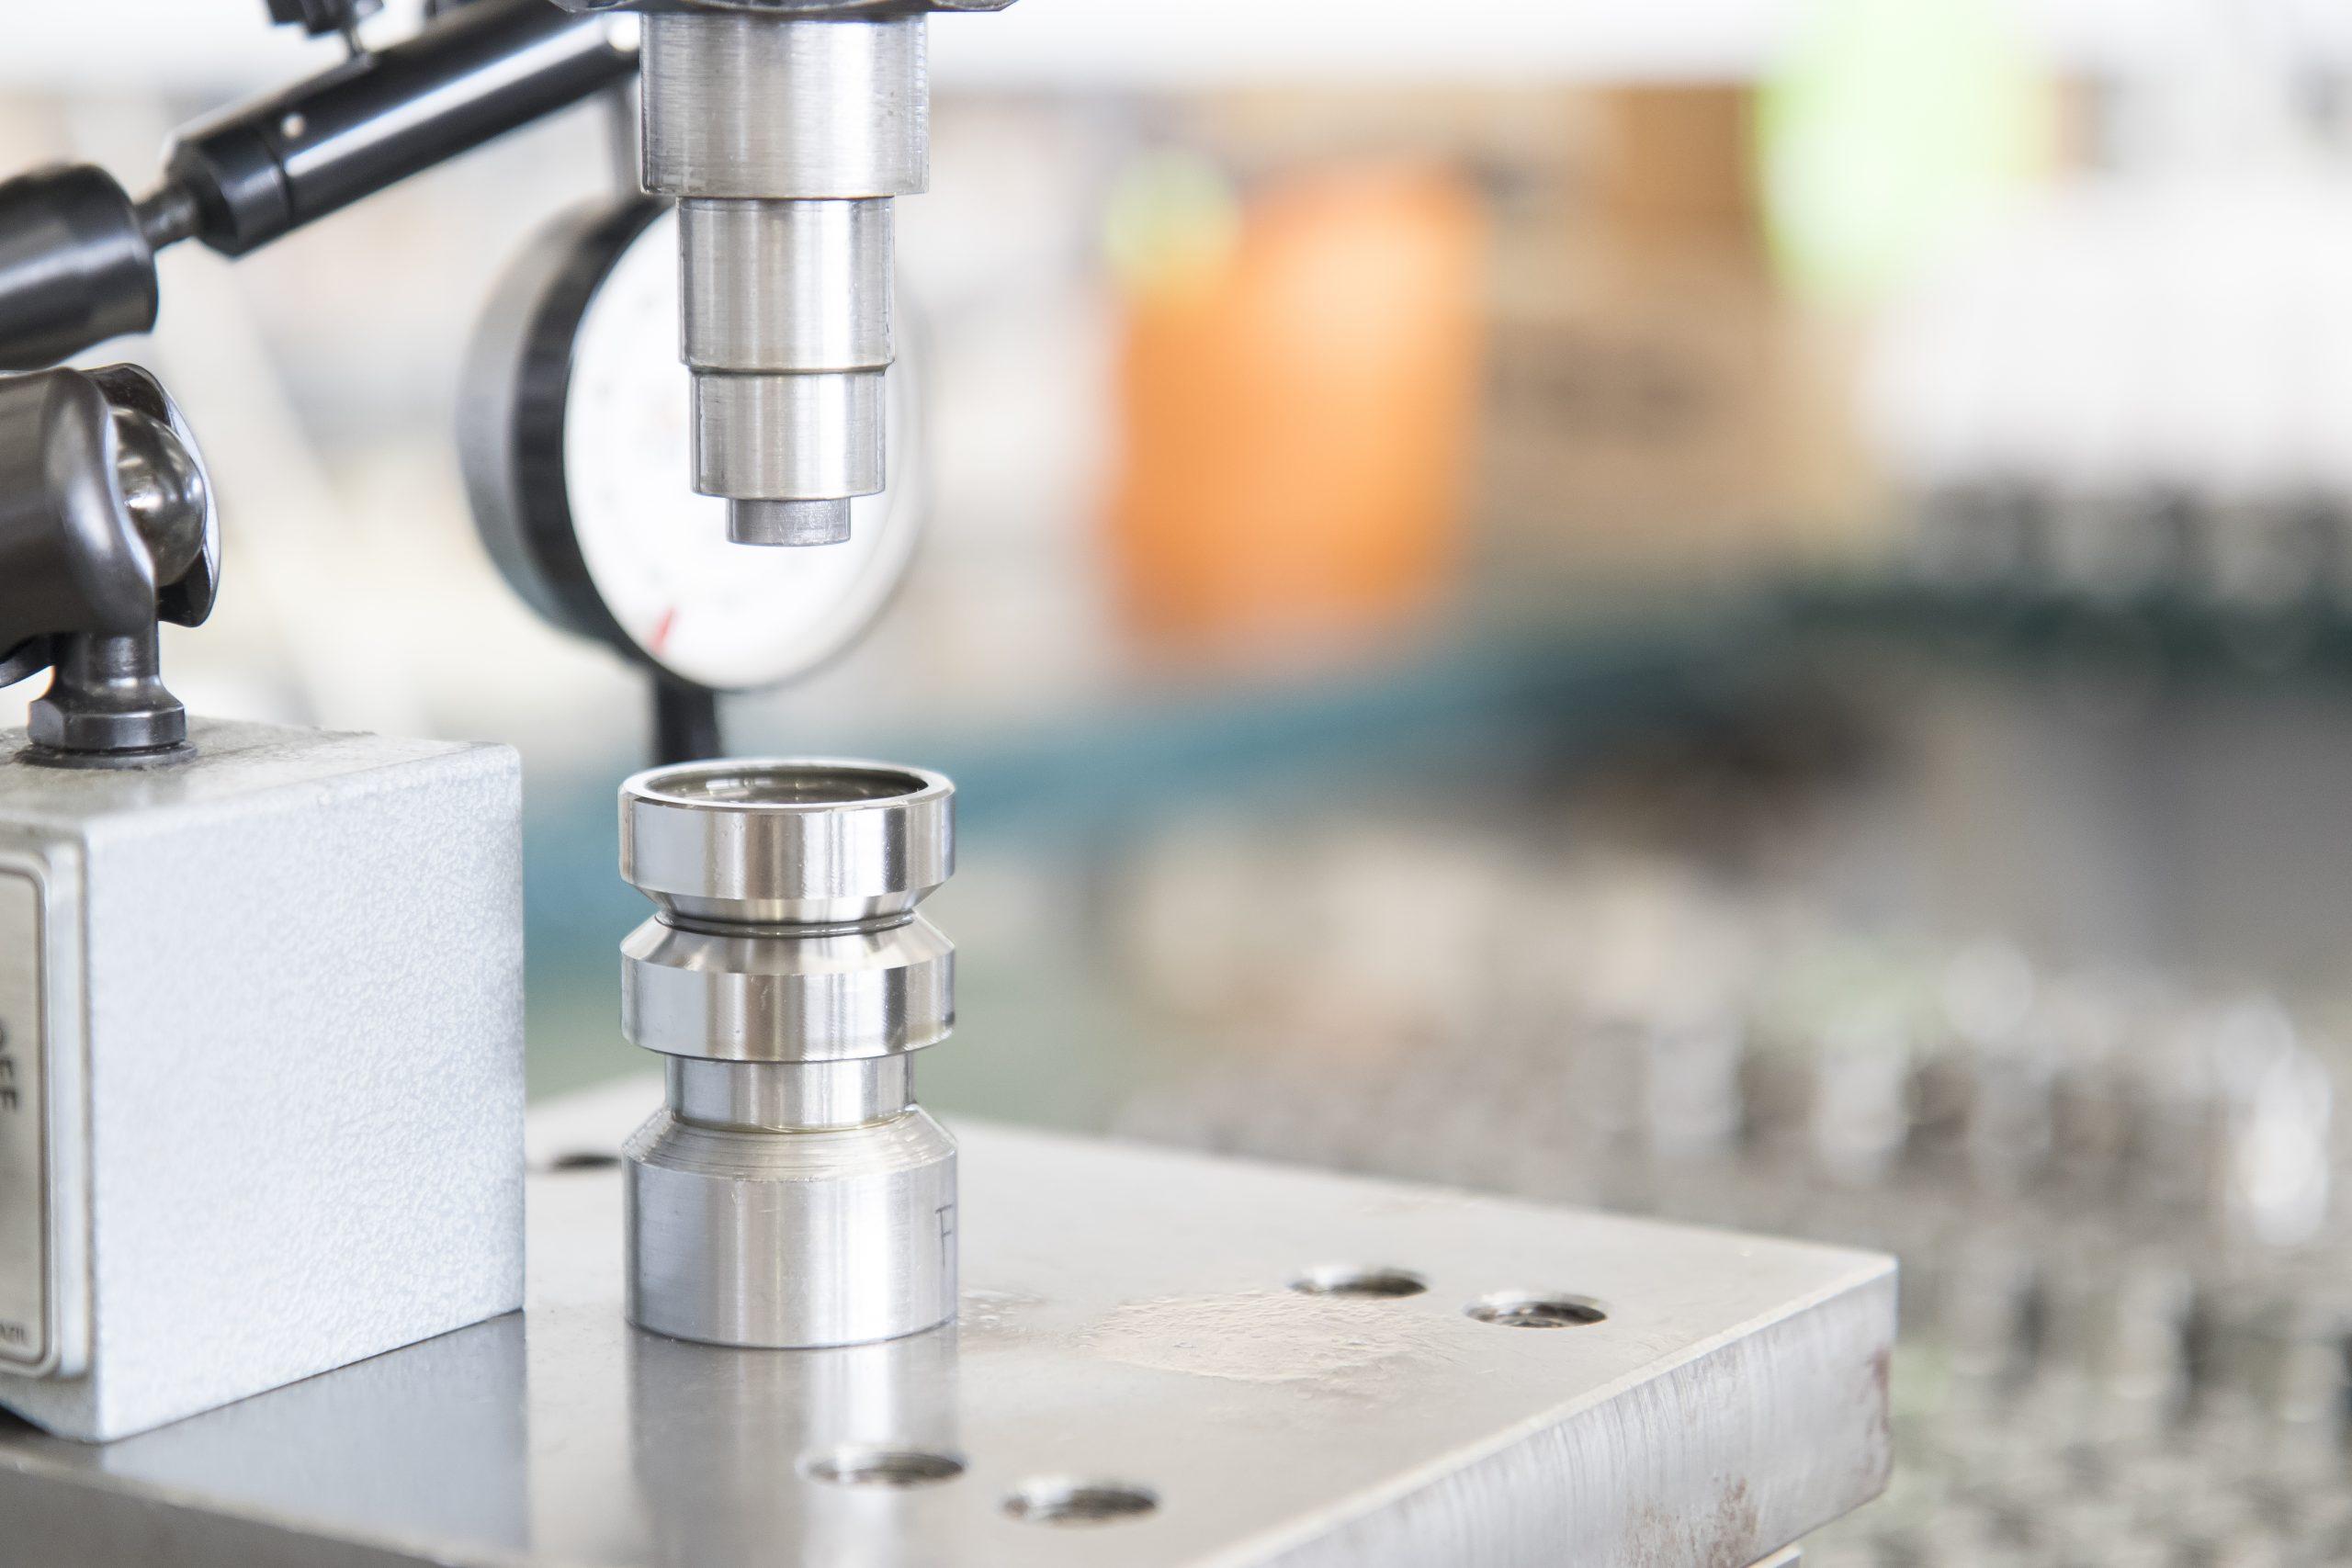 Nadella incrementa il proprio business grazie al DDMRP di smeup